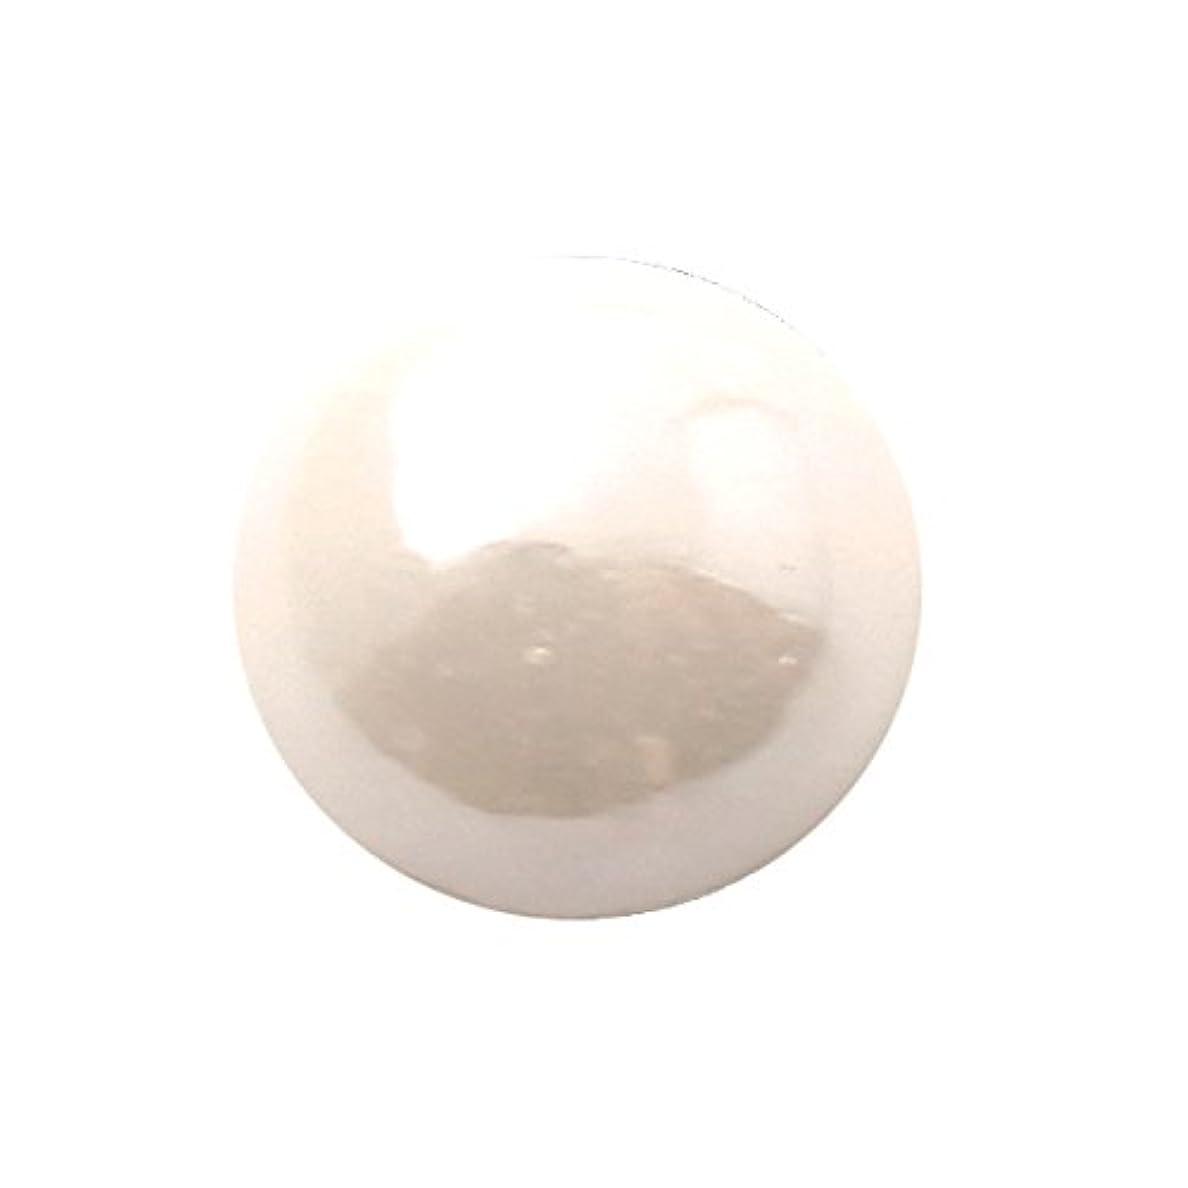 インフレーション赤腫瘍グラスパールラウンド 3mm(各50個) ホワイト